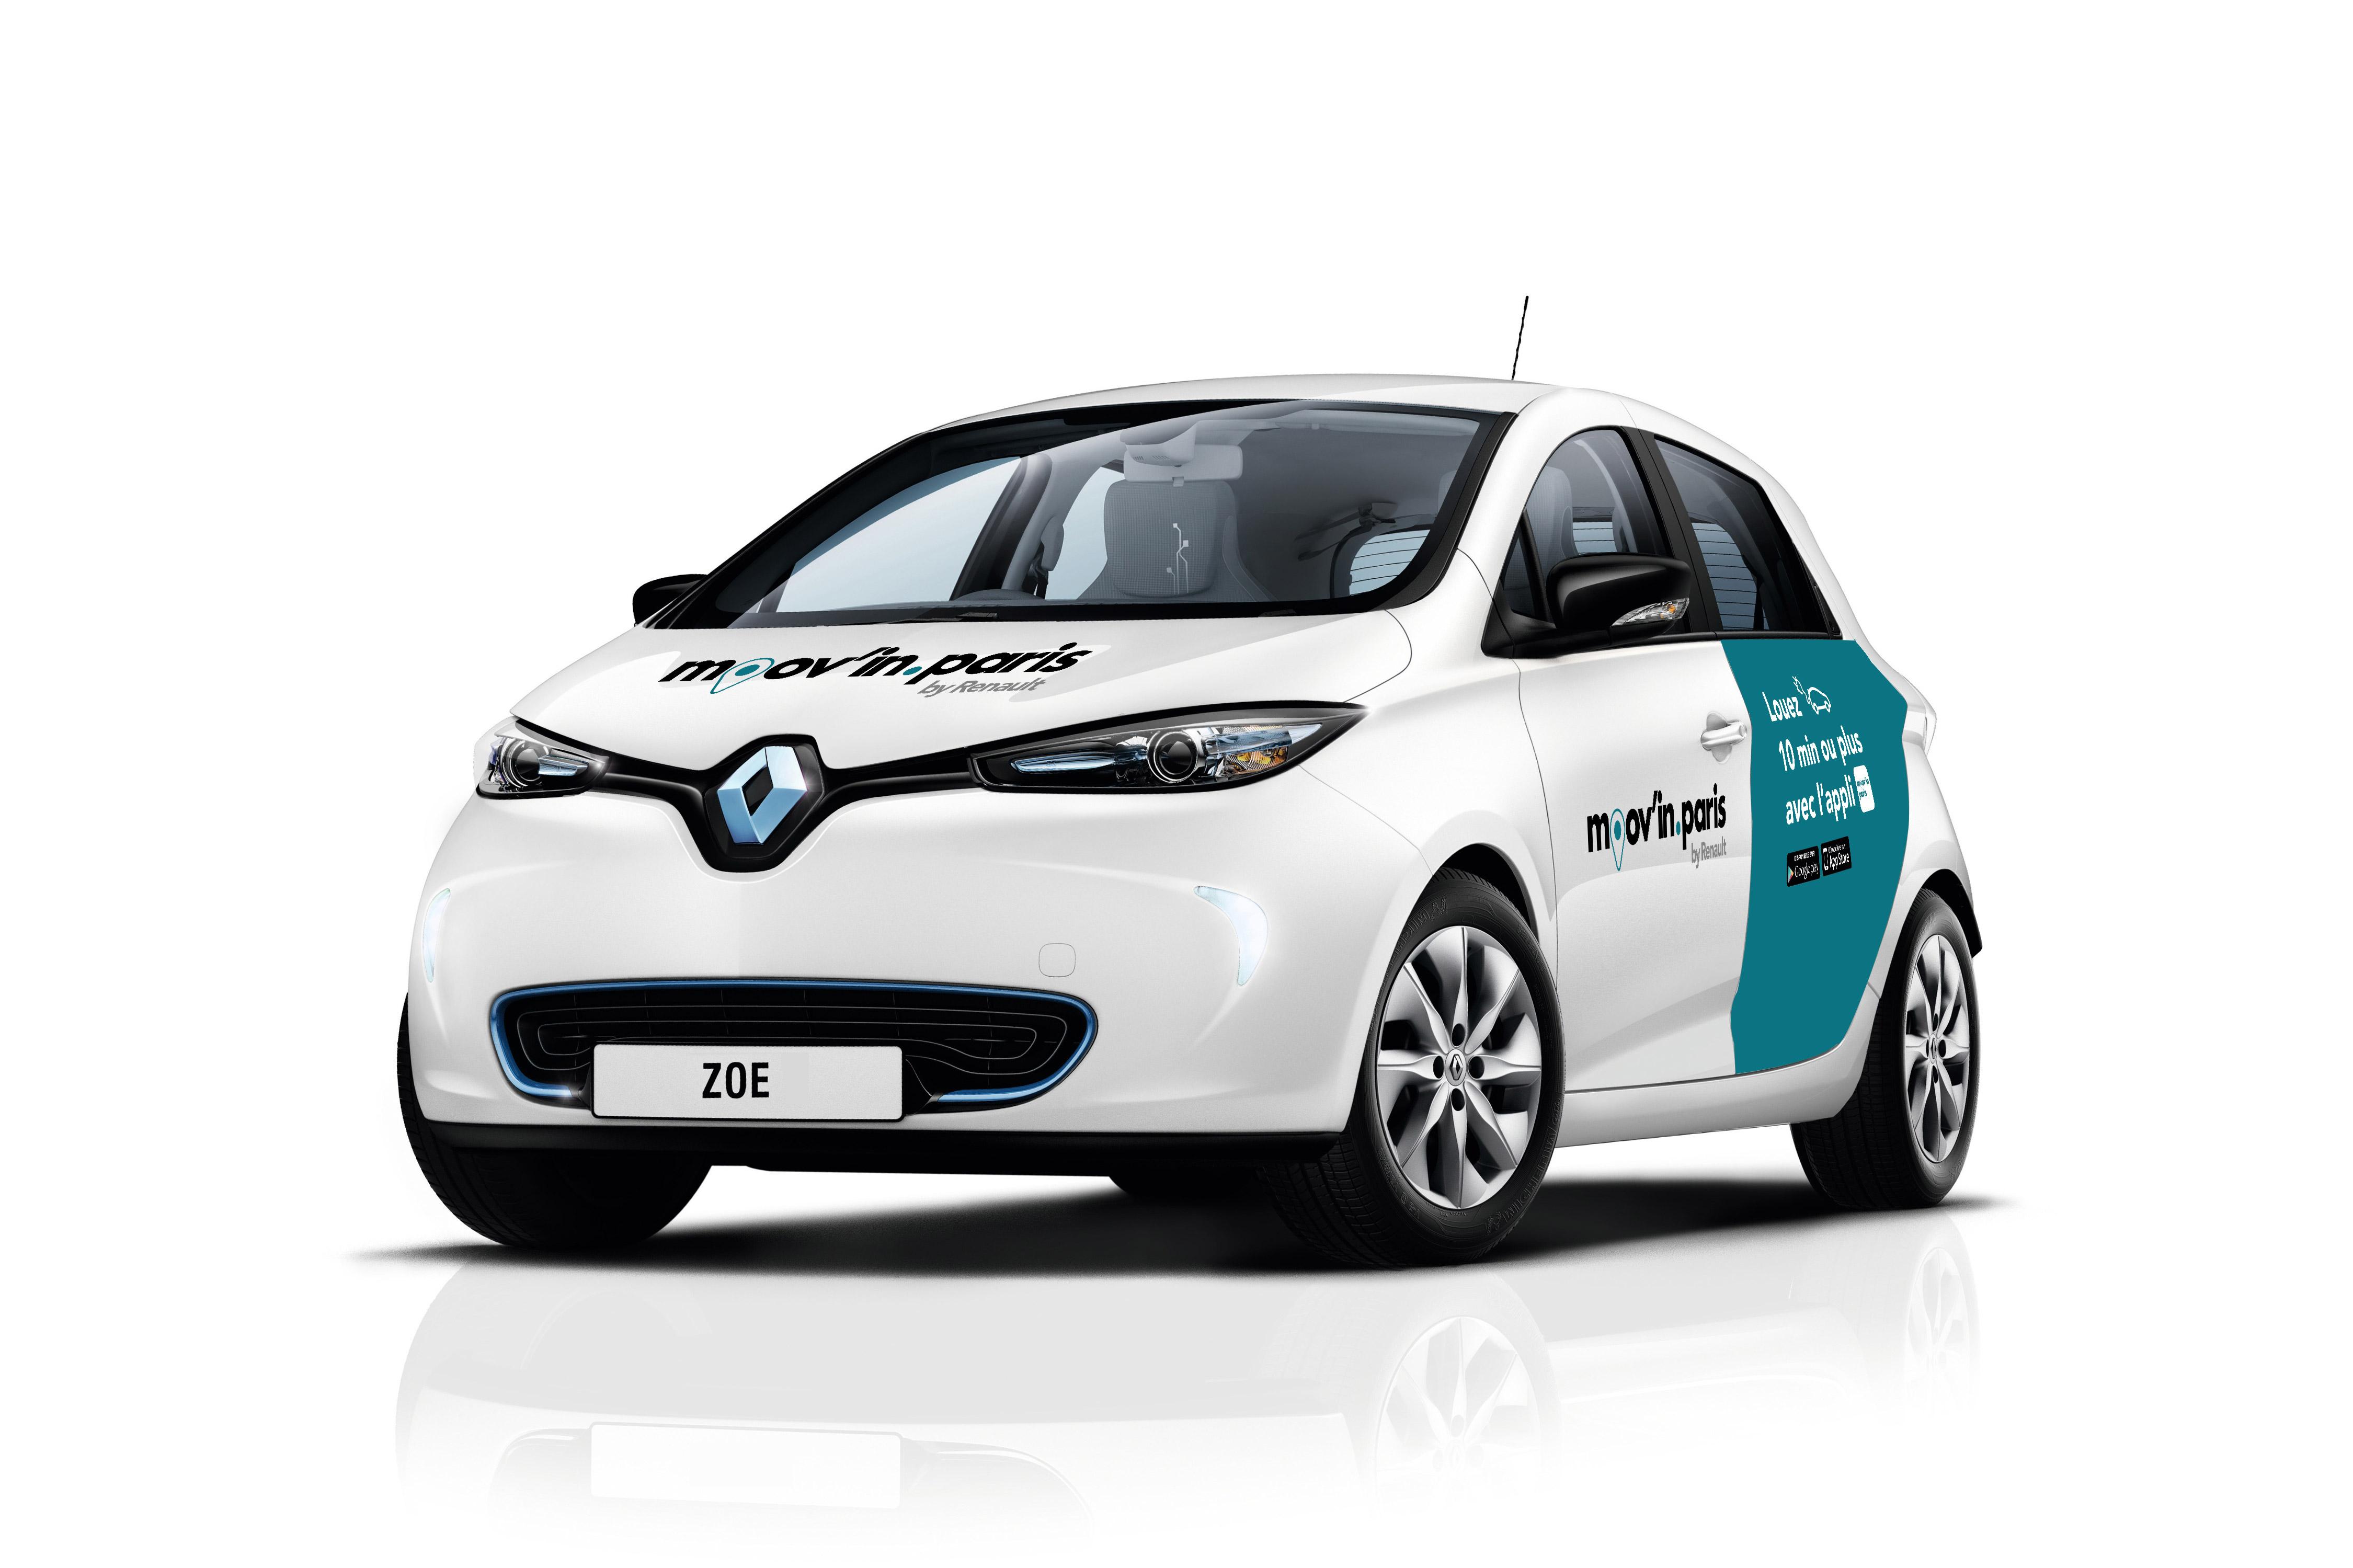 Voitures Electriques En Autopartage Renault Lance Son Autolib